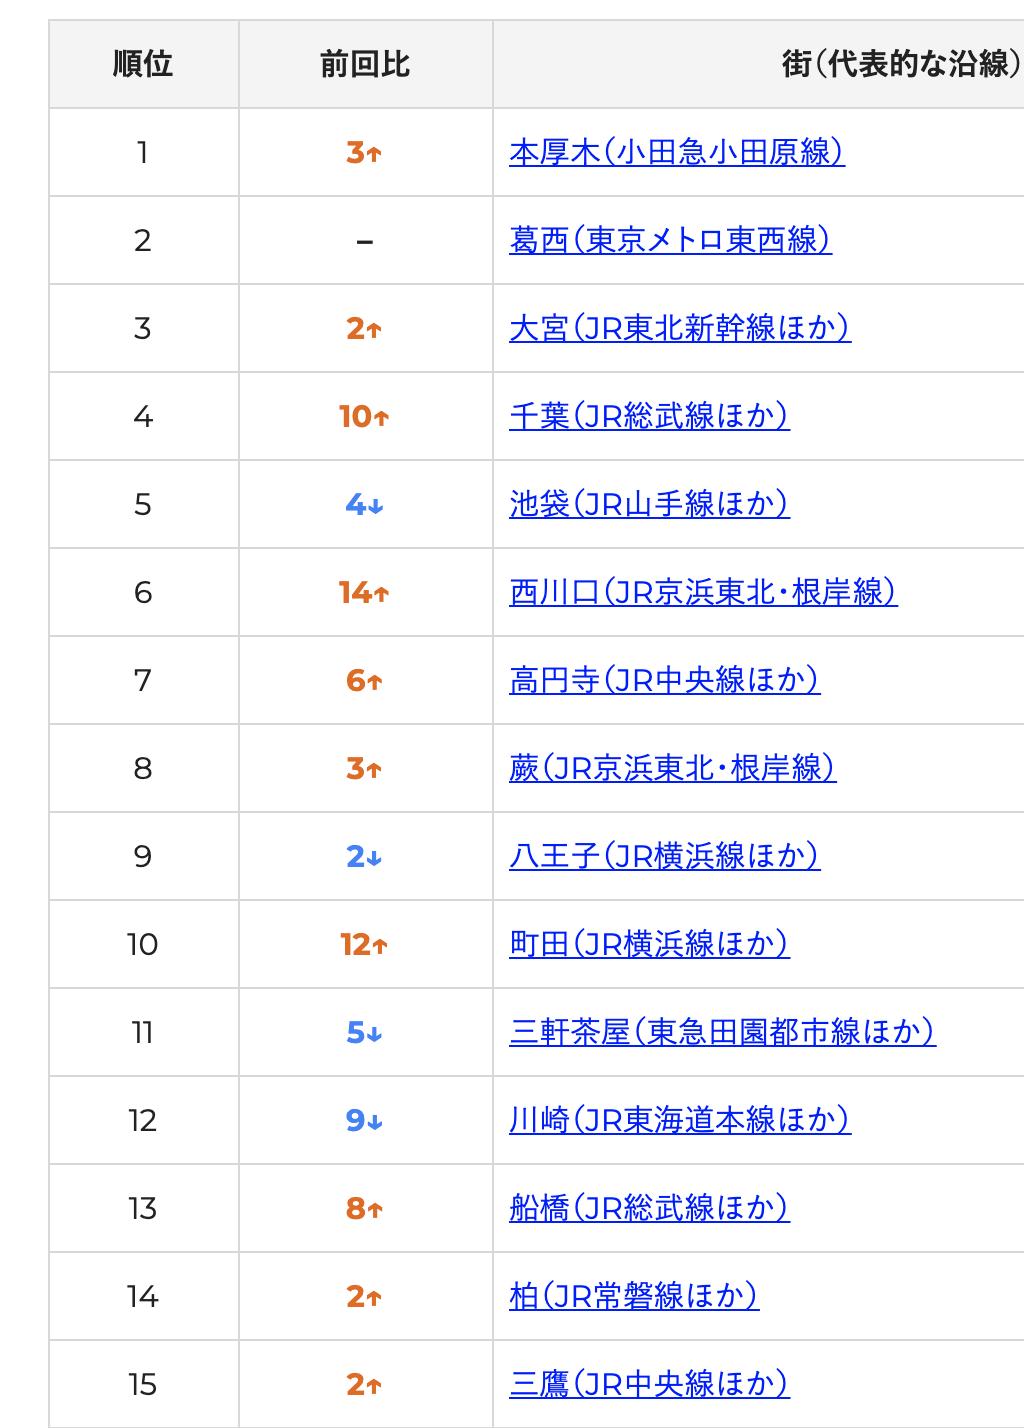 https://blogs.itmedia.co.jp/sakamoto/7cd2b020285439e56c5f4aa73da21bd799bfd619.png